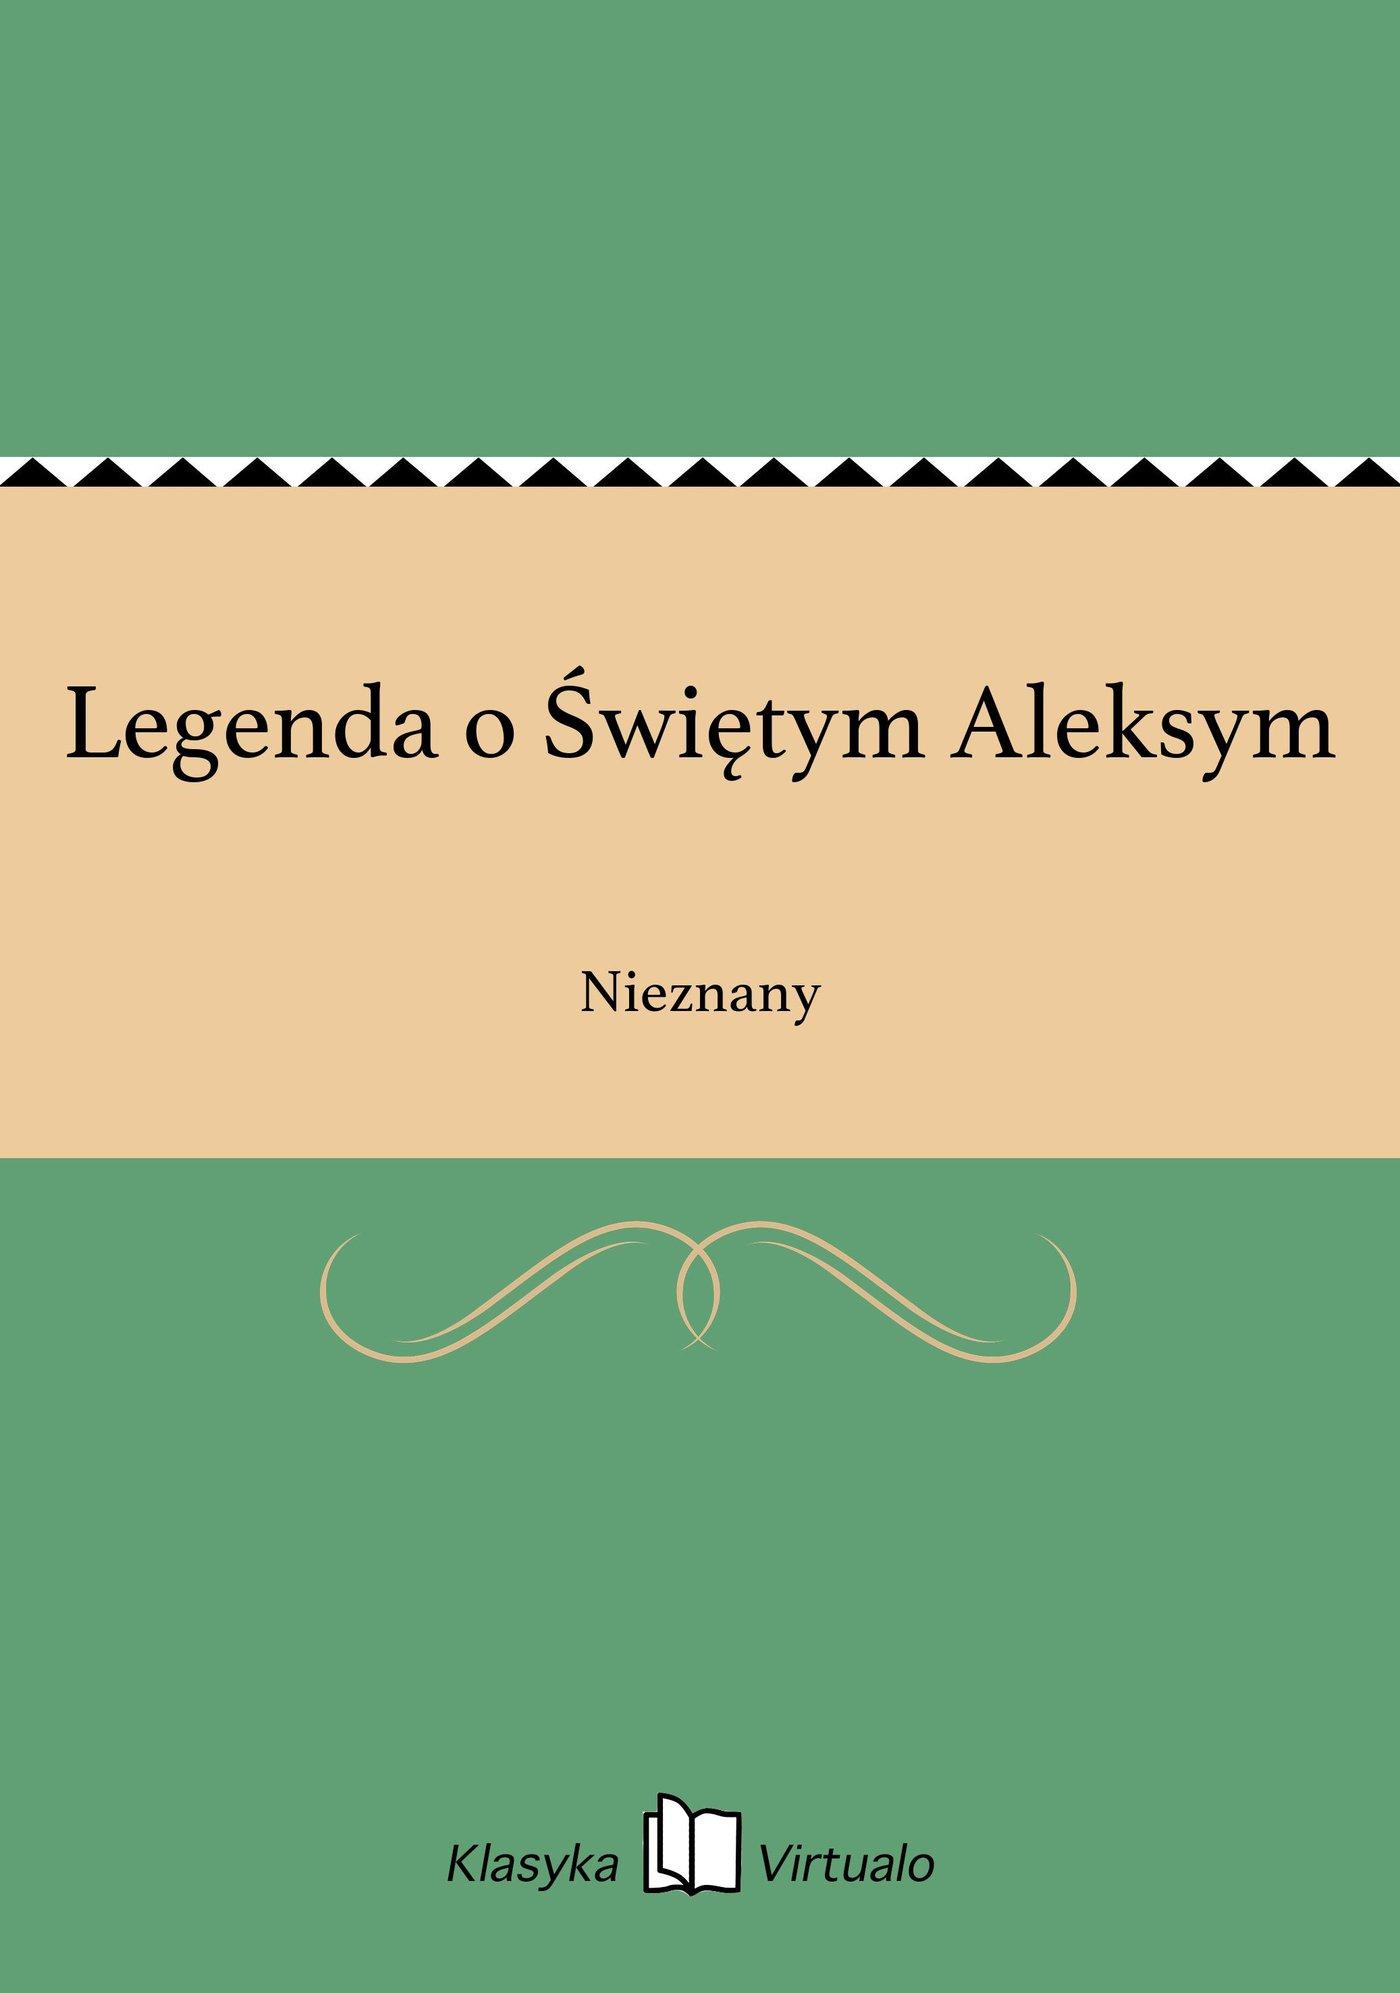 Legenda o Świętym Aleksym - Ebook (Książka EPUB) do pobrania w formacie EPUB